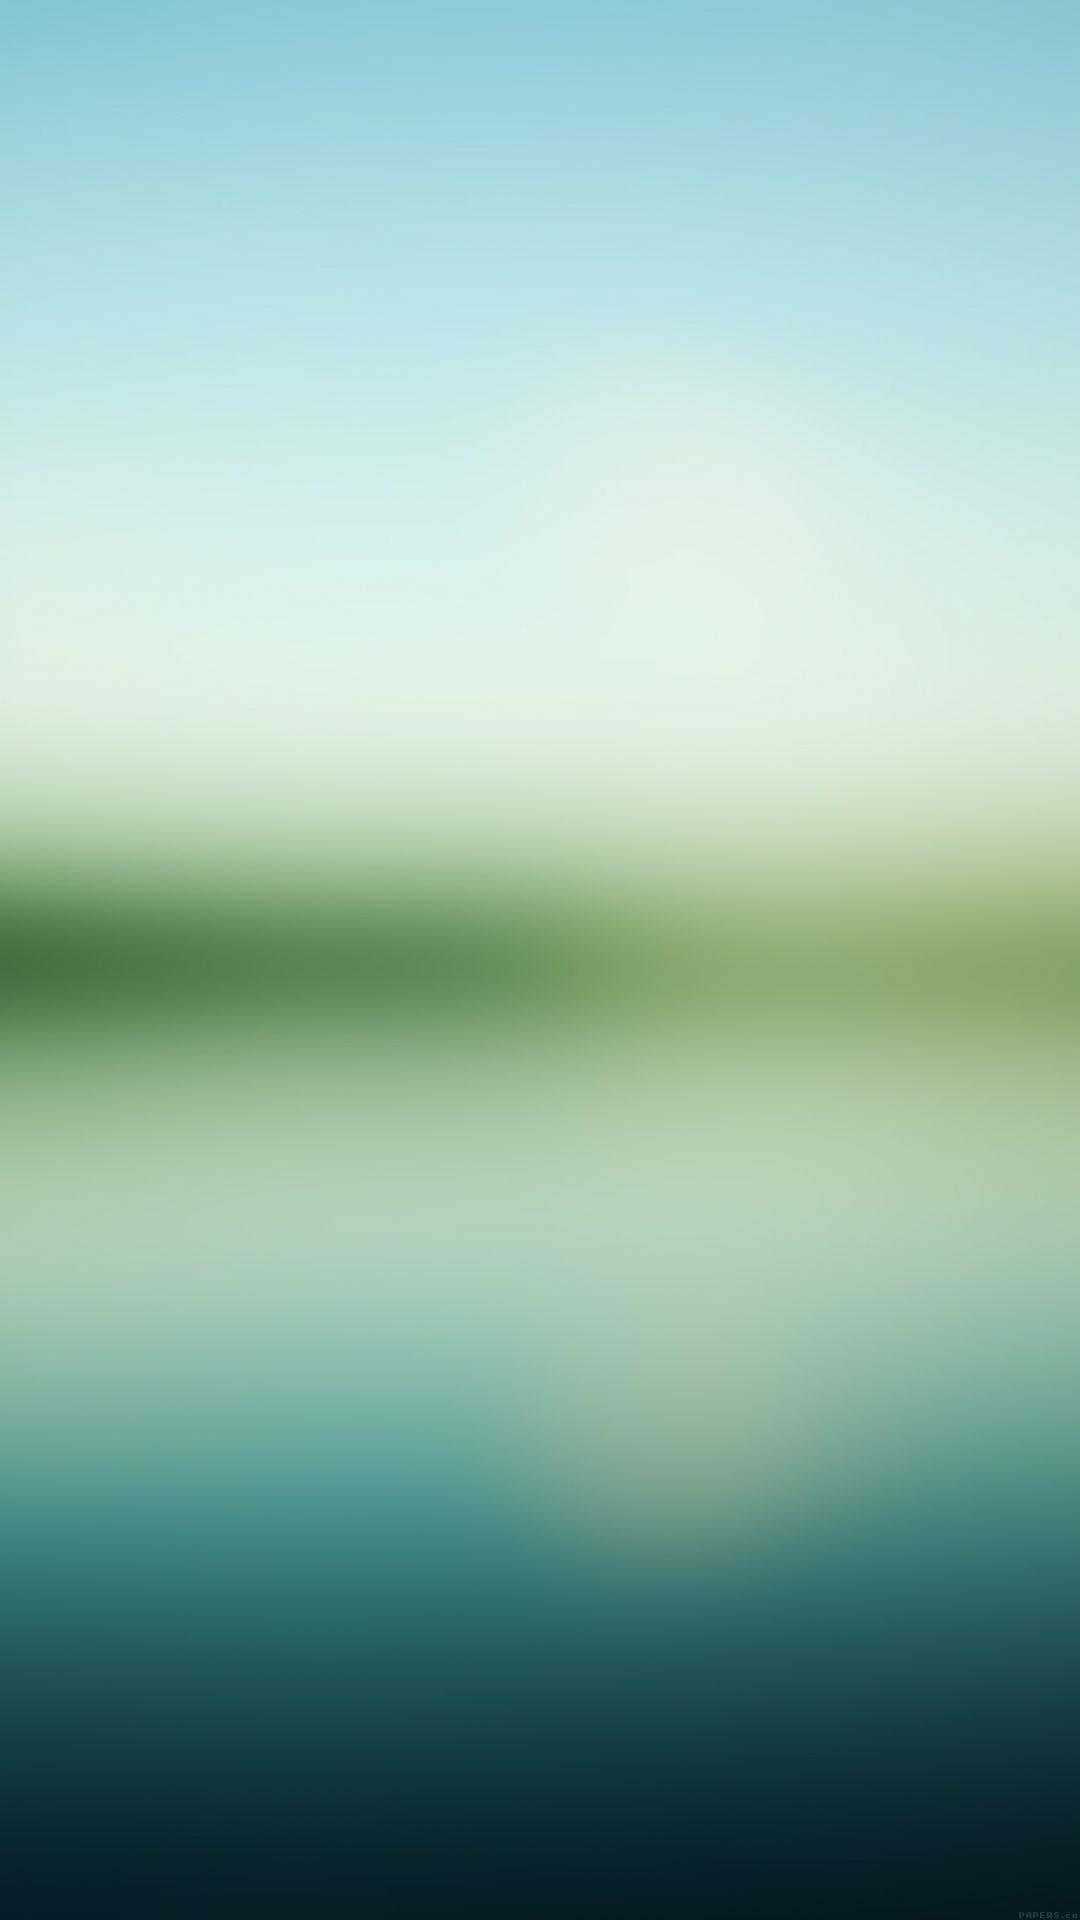 Nature Sea River Green Gradation Blur